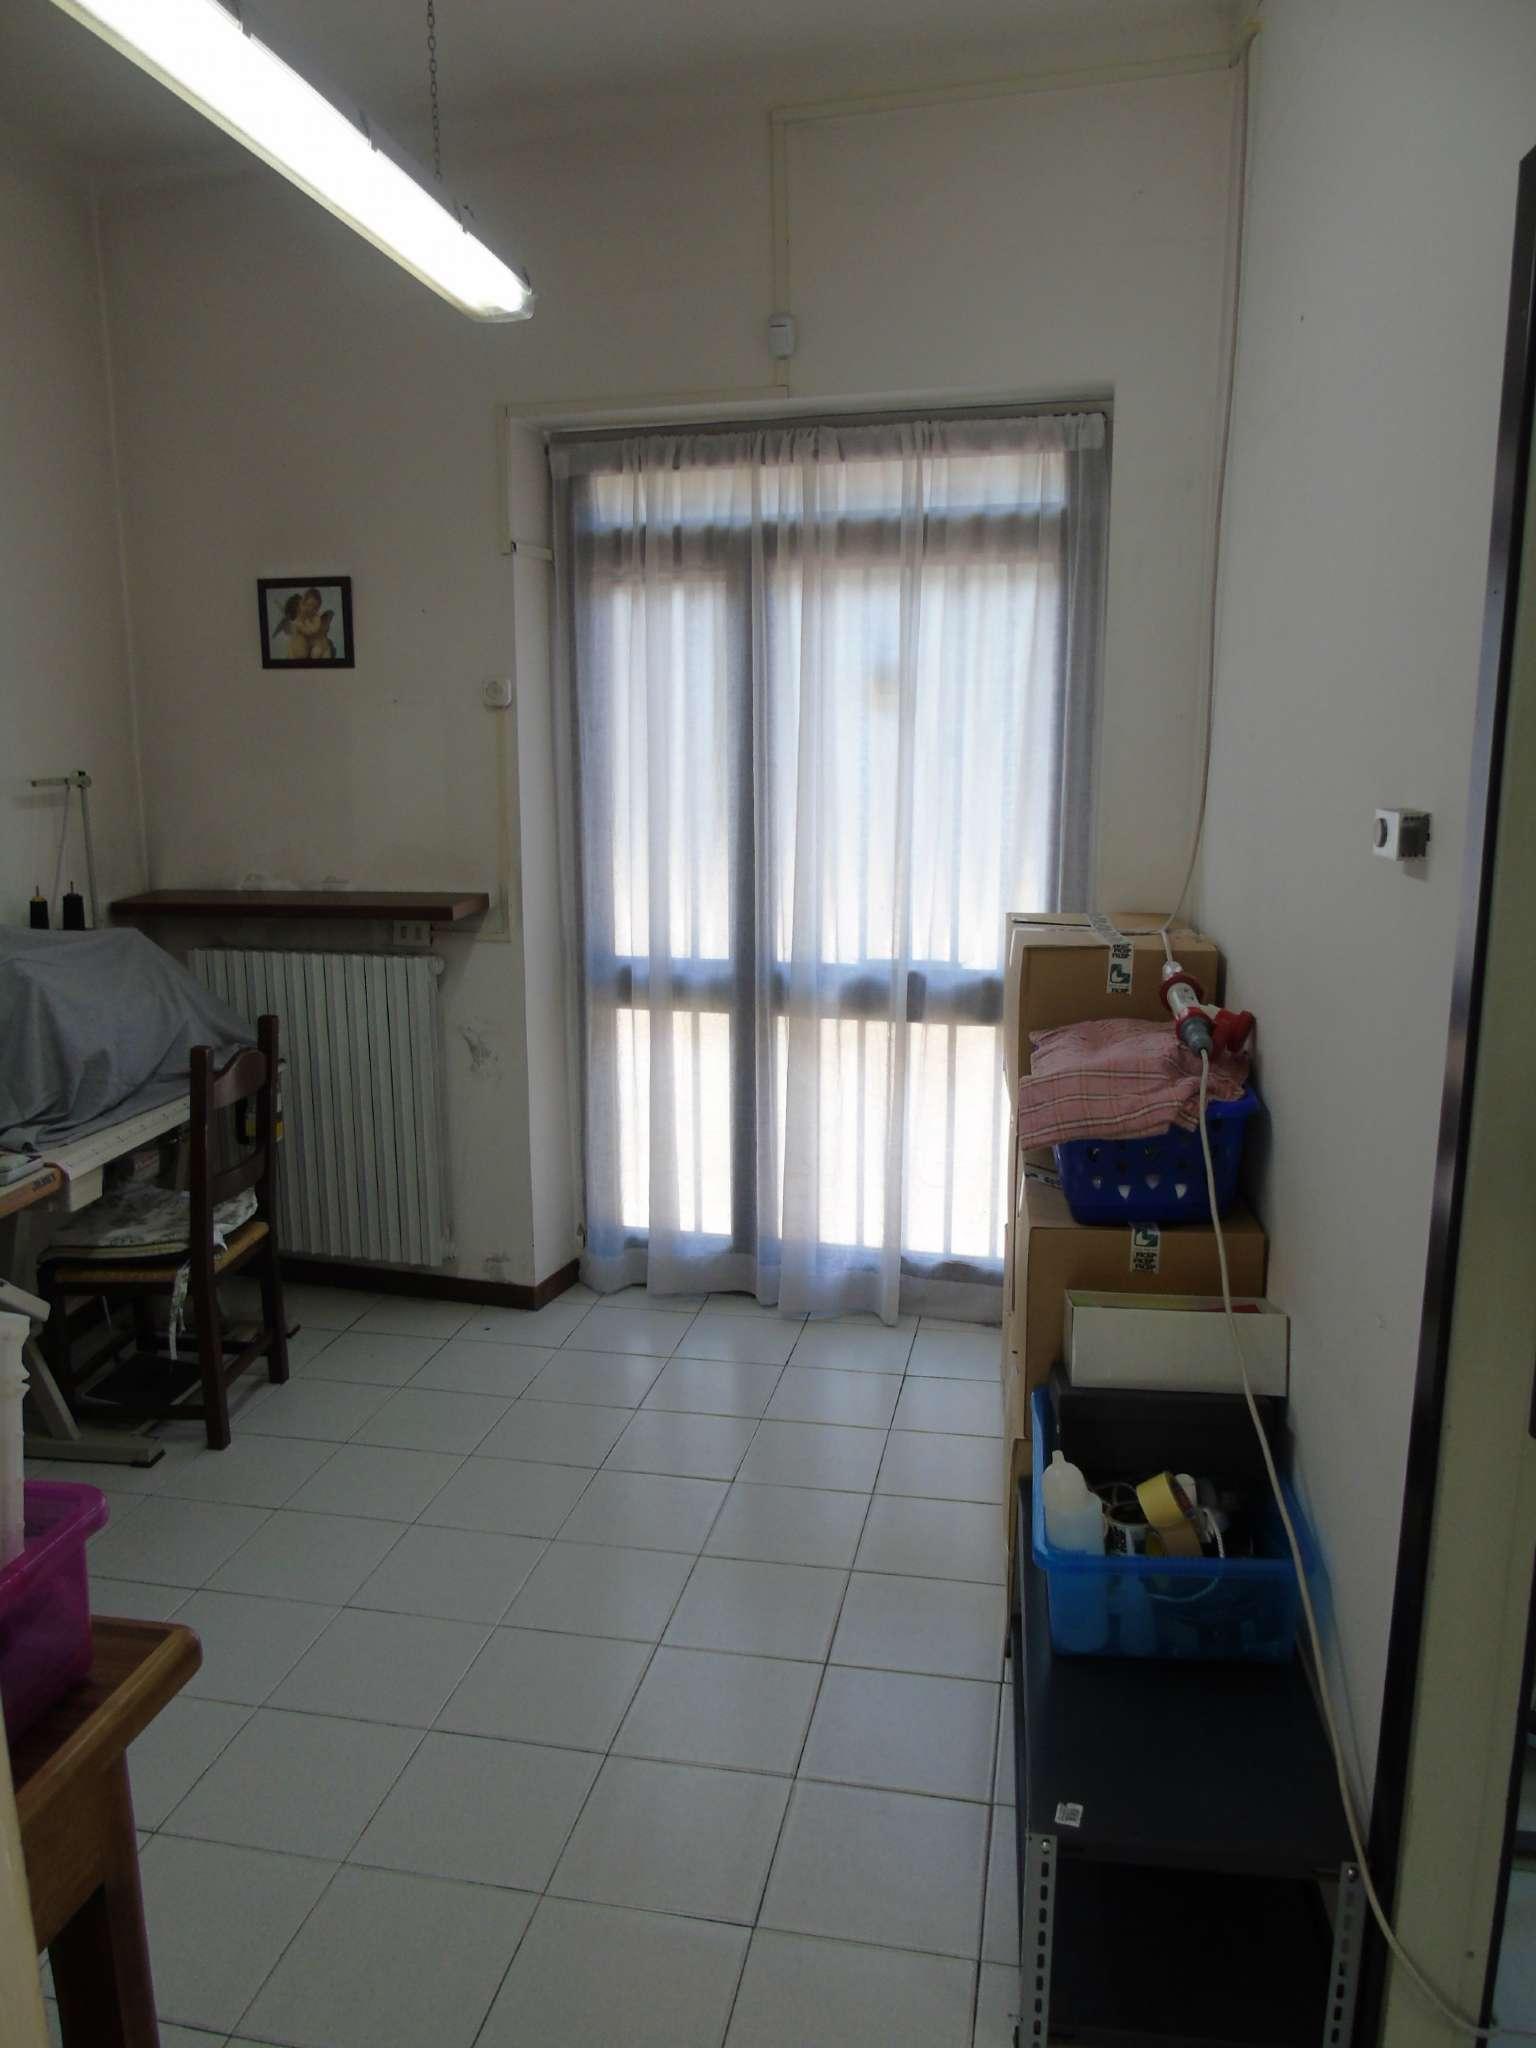 Negozio / Locale in vendita a Gerenzano, 2 locali, prezzo € 65.000 | CambioCasa.it